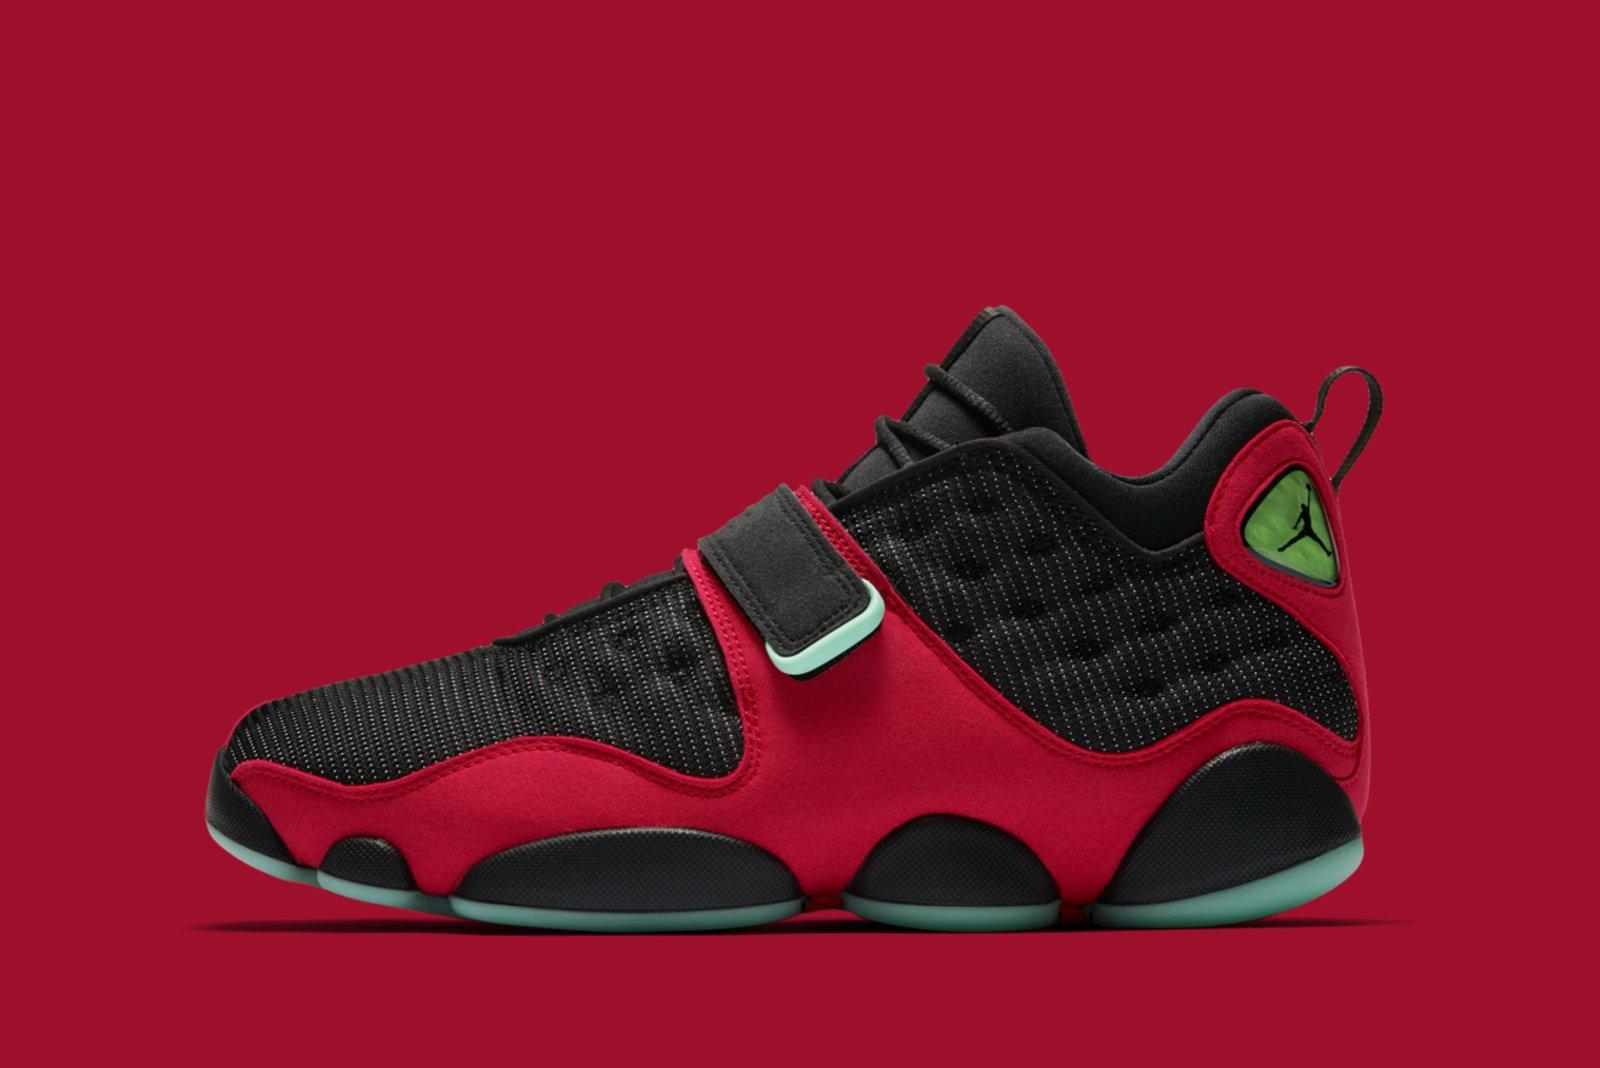 Zapatillas Nike Air Jordan Black Cat